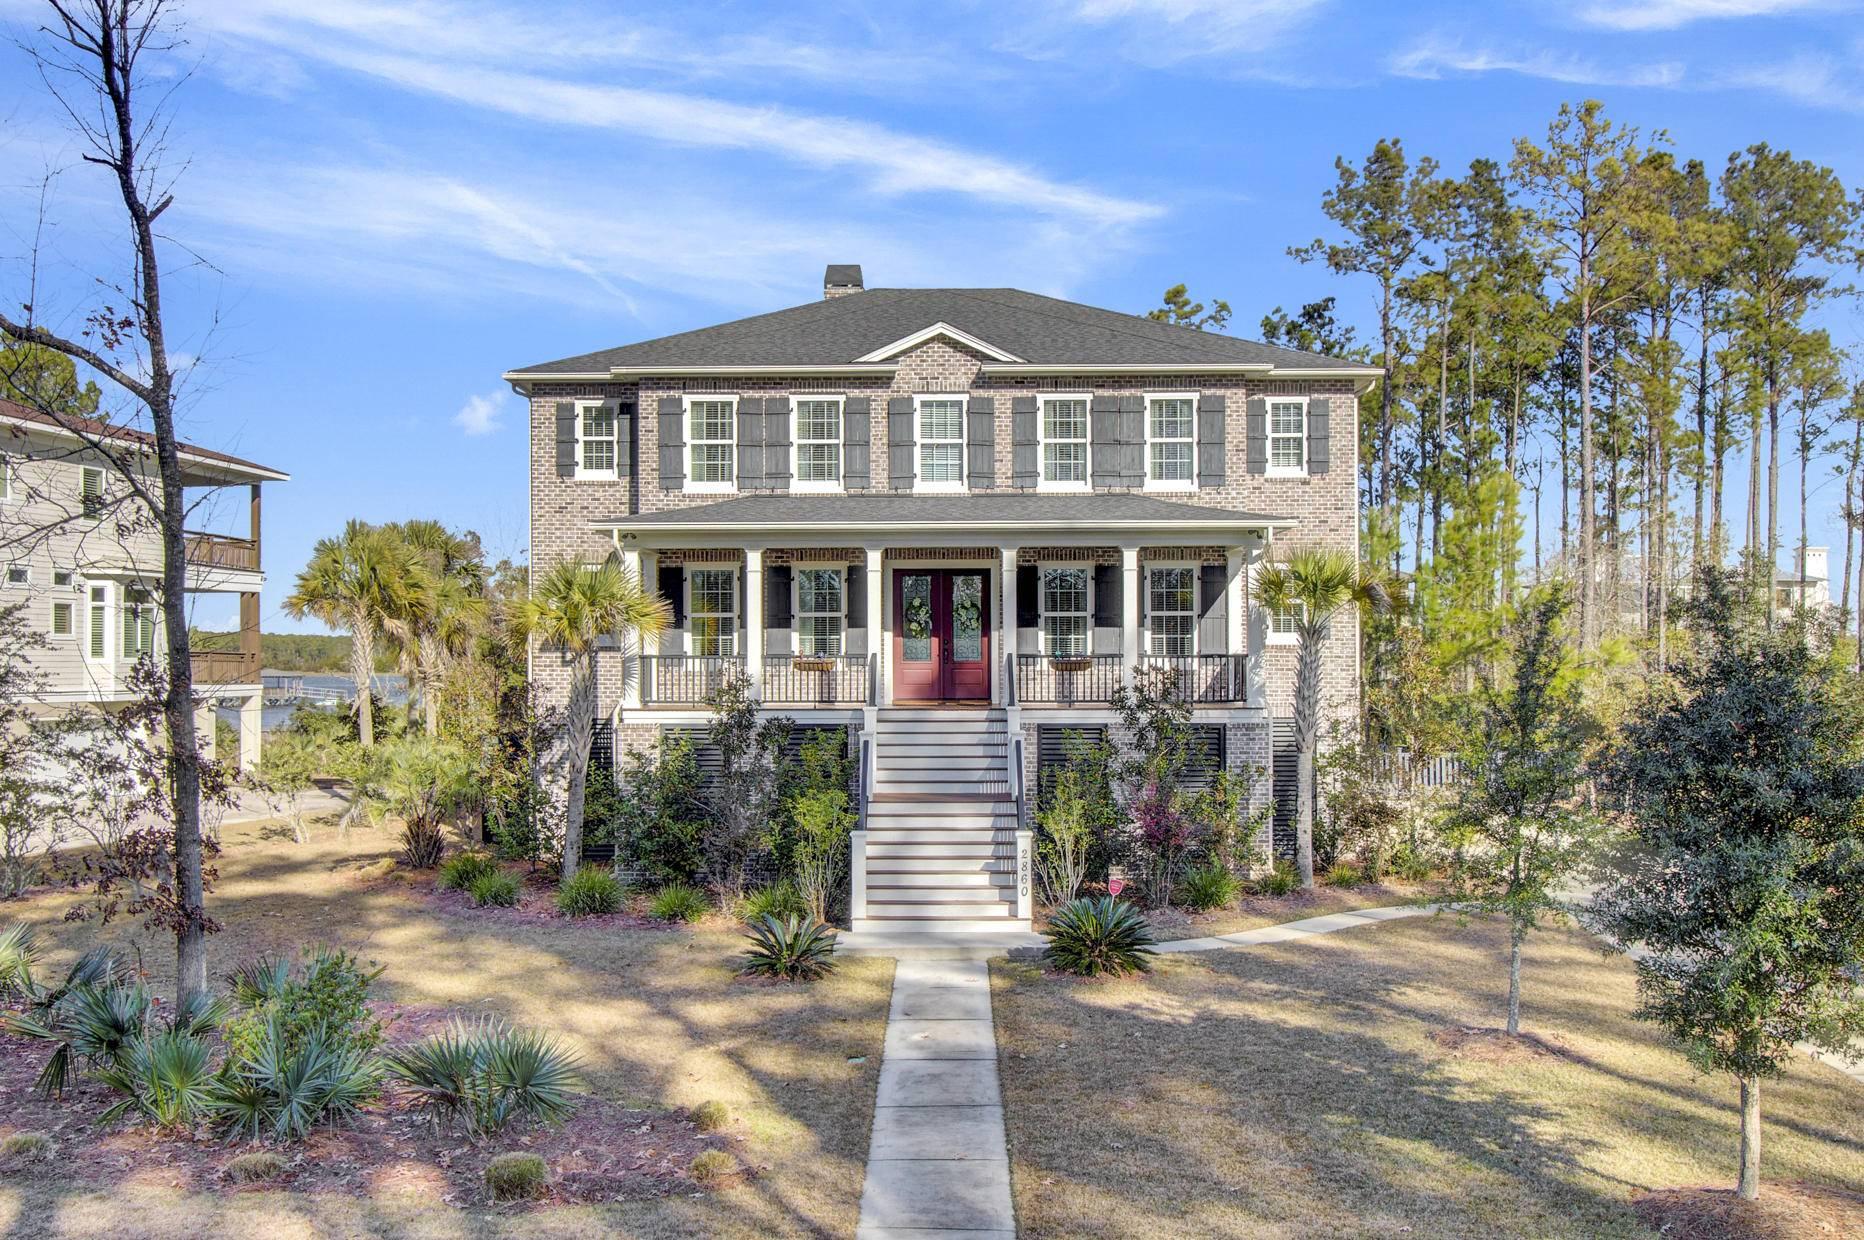 Homes for sale - 2860 River Vista Way, Mount Pleasant, SC 29466 – M...